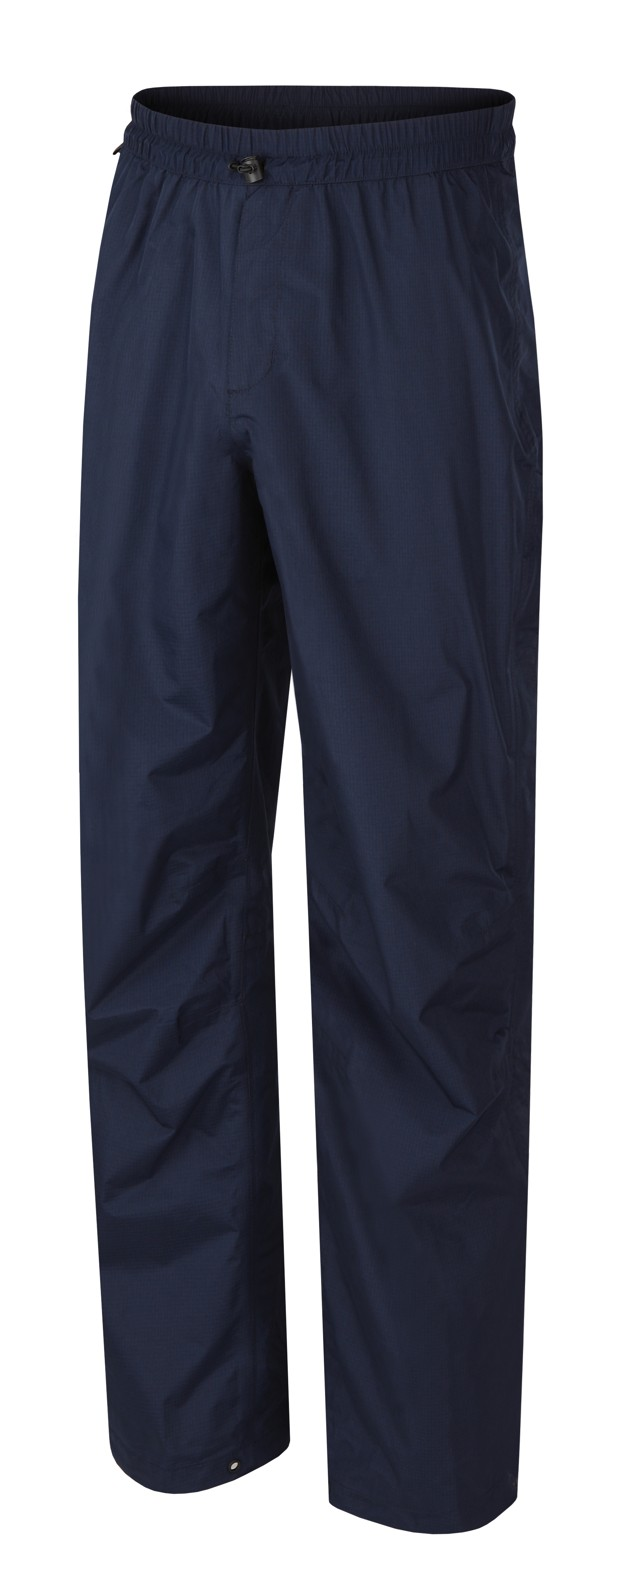 Pantaloni barbati Hannah Verto Bleumarin 2017 imagine